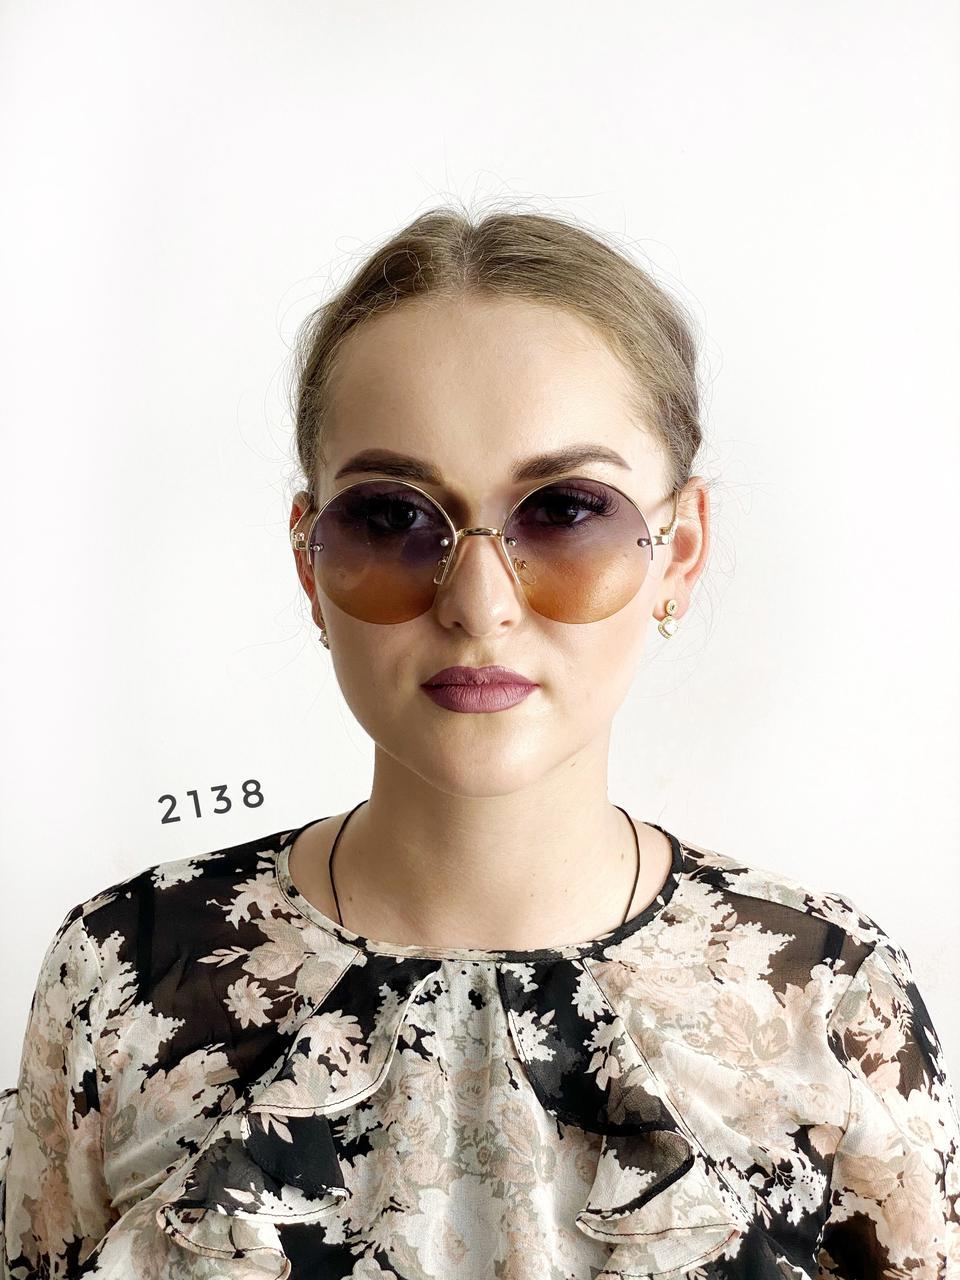 Сонцезахисні окуляри - лінза з переходом двох кольорів